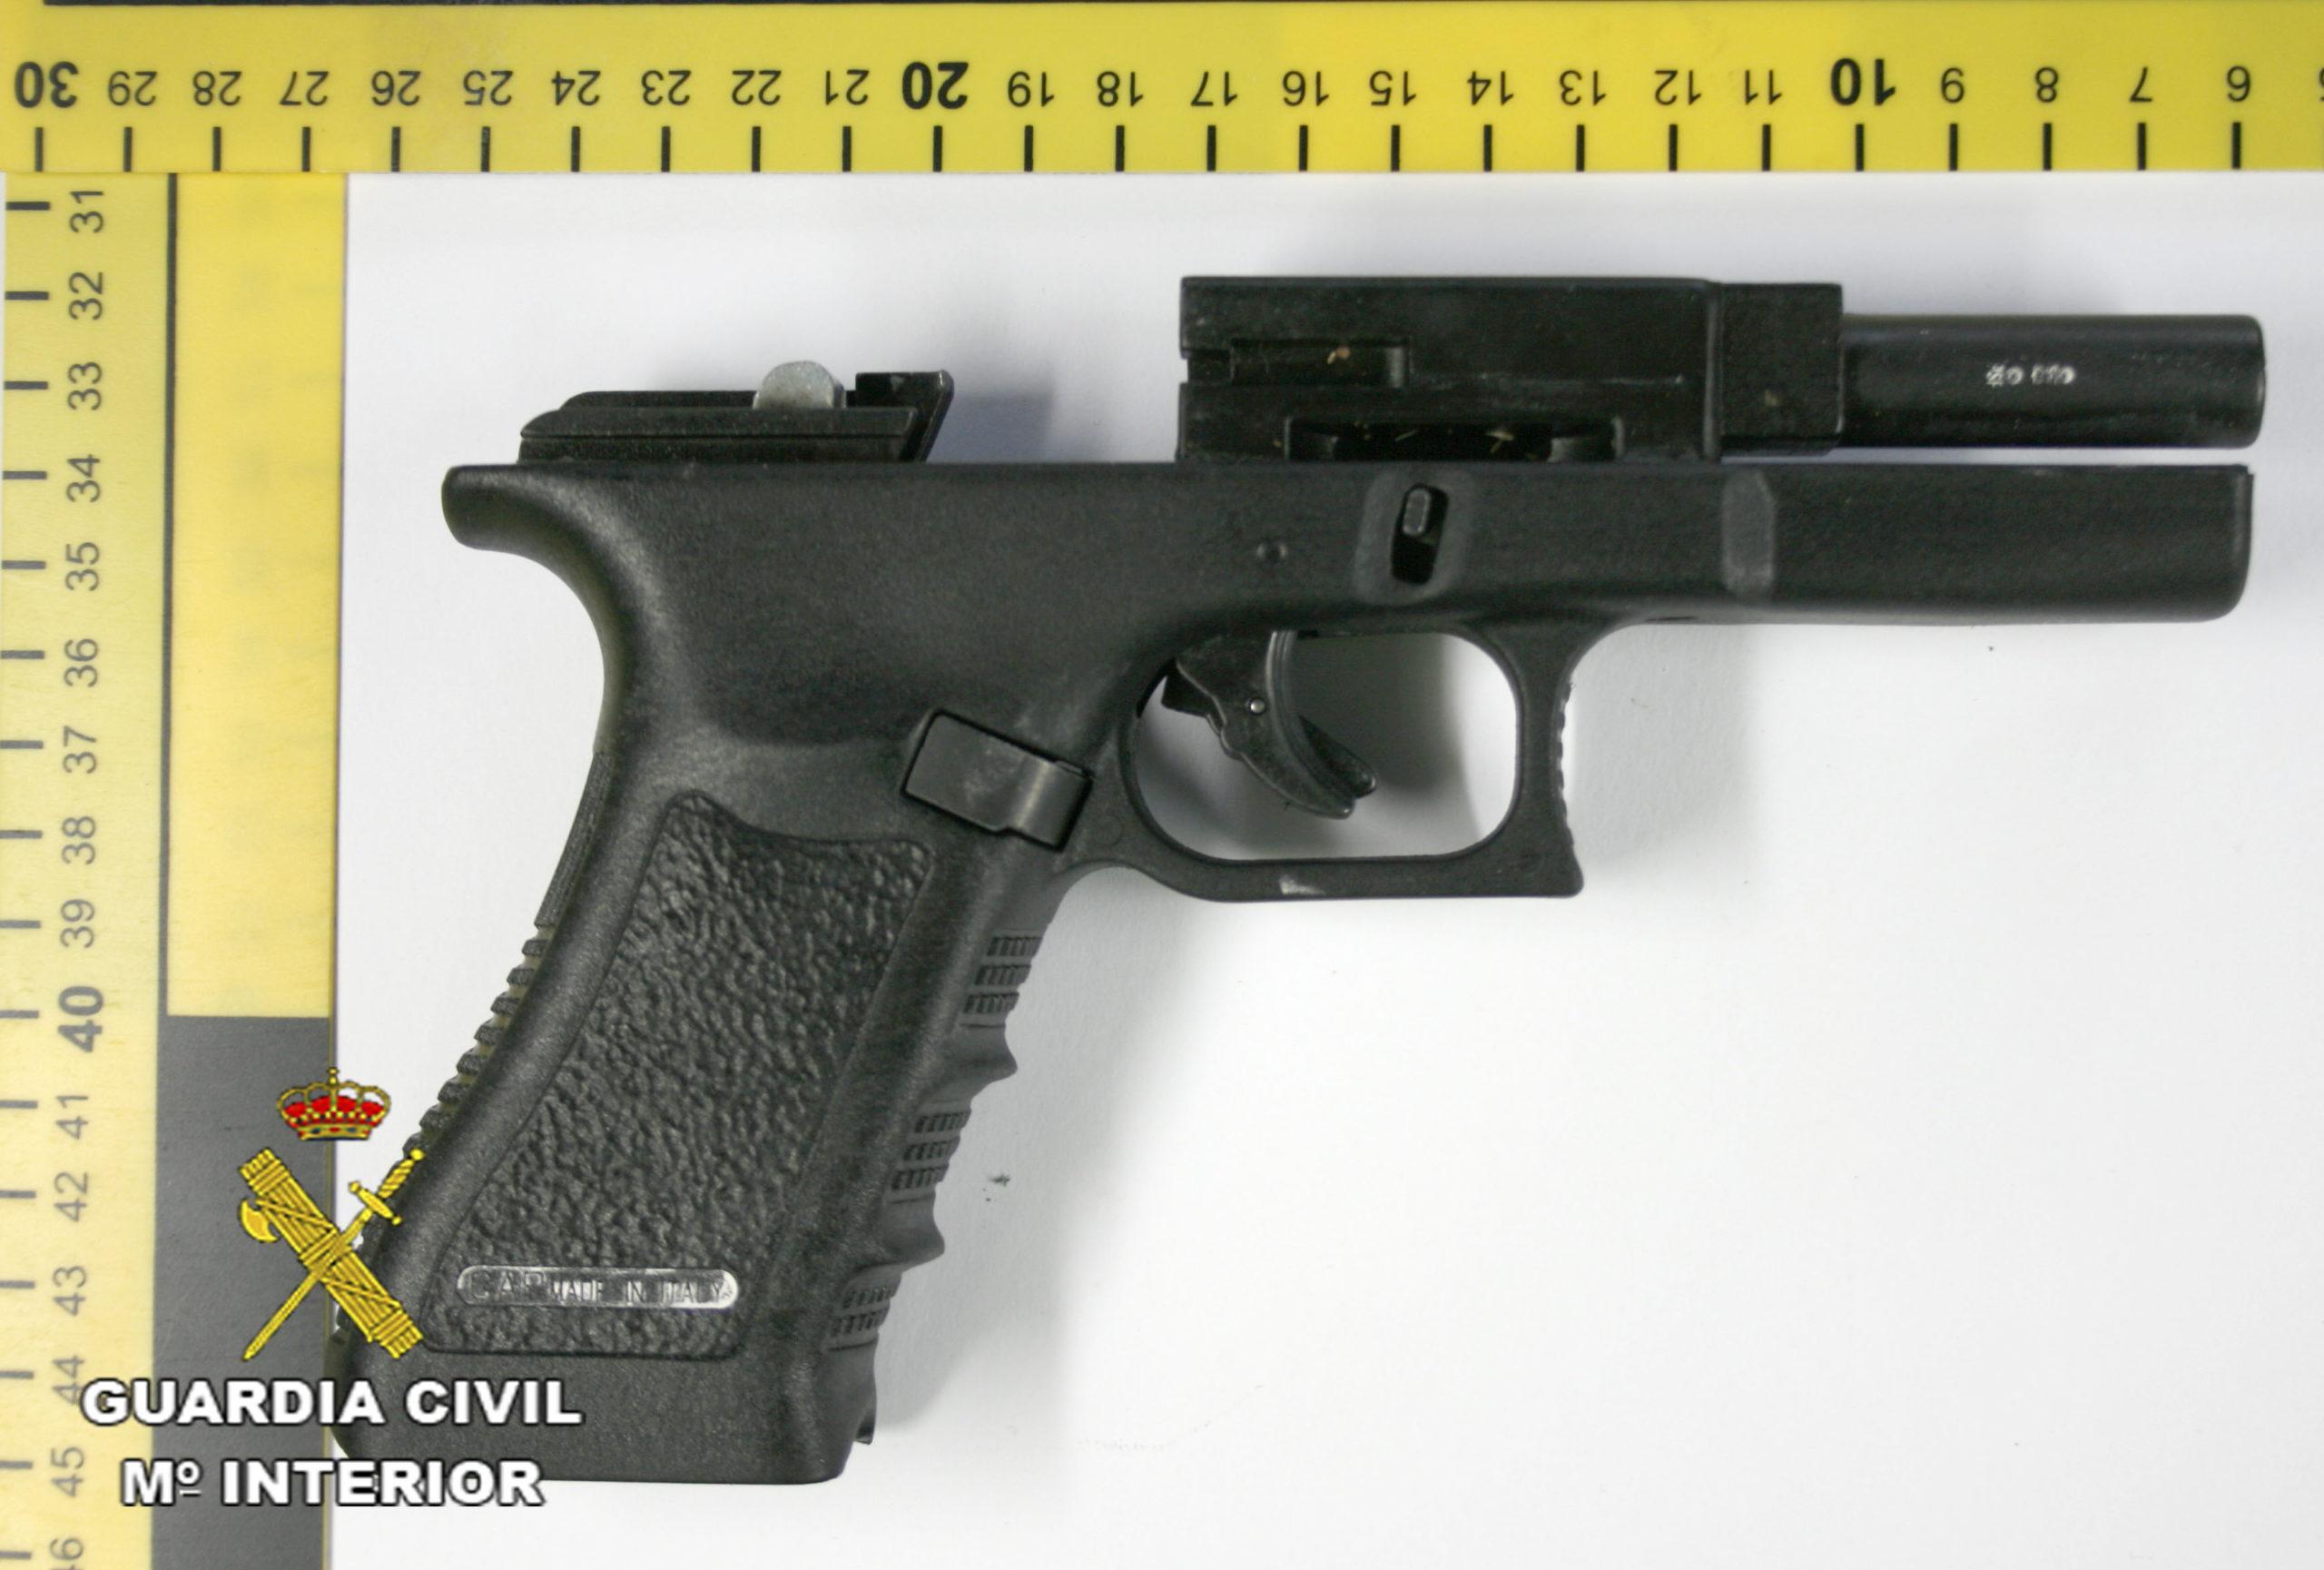 pistola simulada recuperada